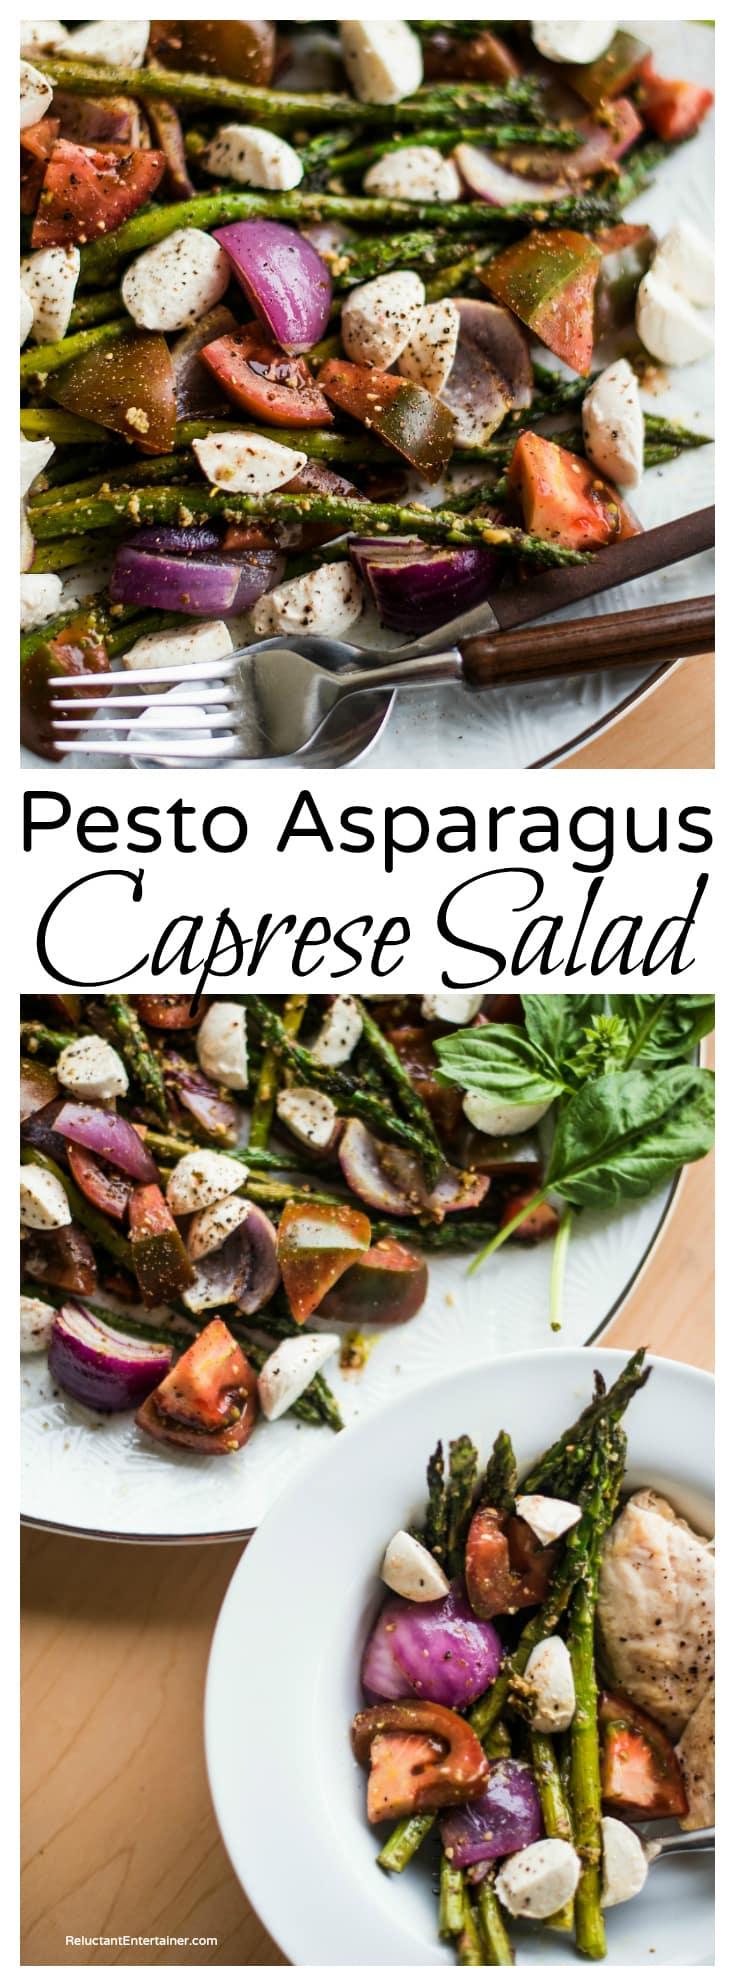 BEST Pesto Asparagus Caprese Salad